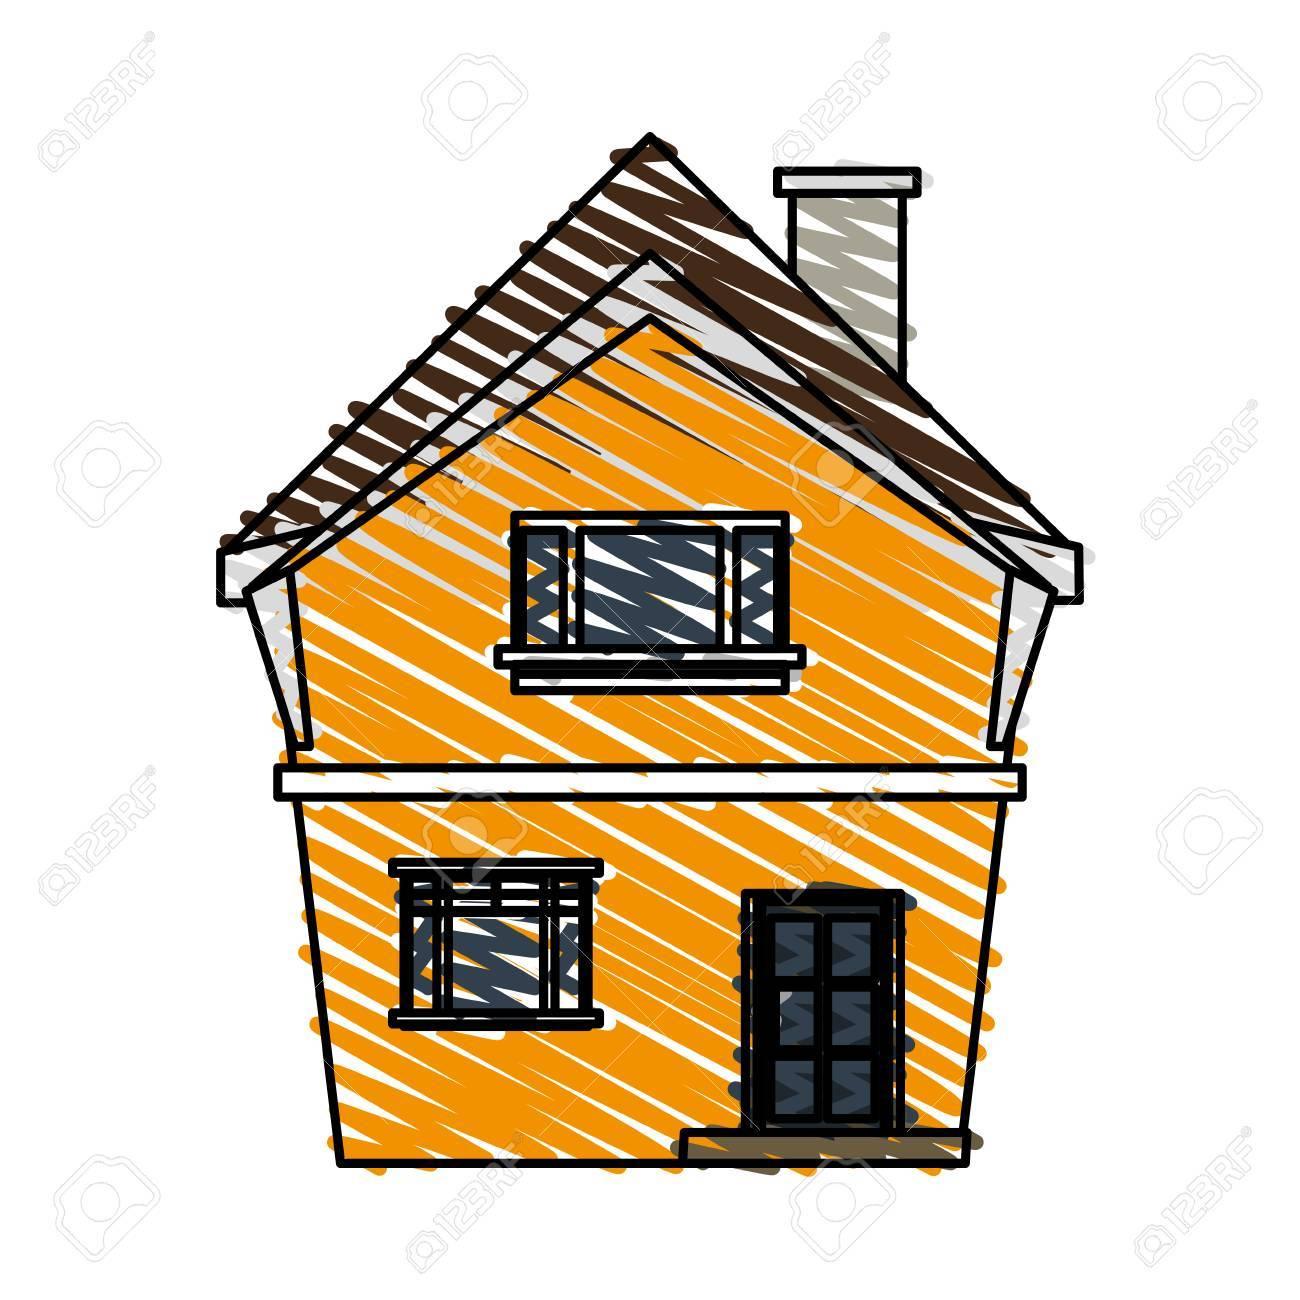 Banque dimages couleur crayon bande dessinée dessin animé façade structure irrégulière maison avec illustration vectorielle de cheminée